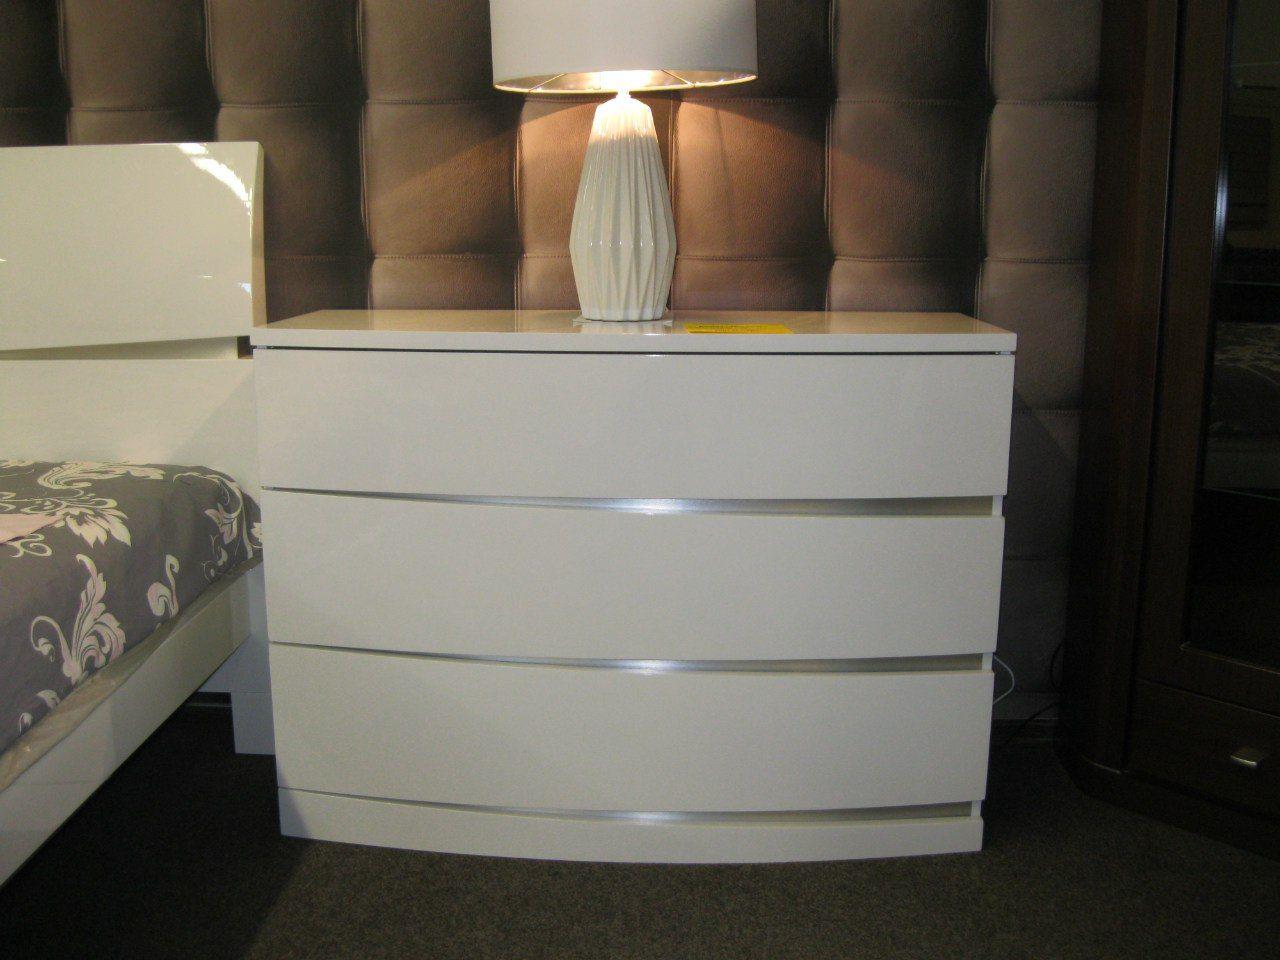 каммод в хайтек стиле с лампой белого цвета